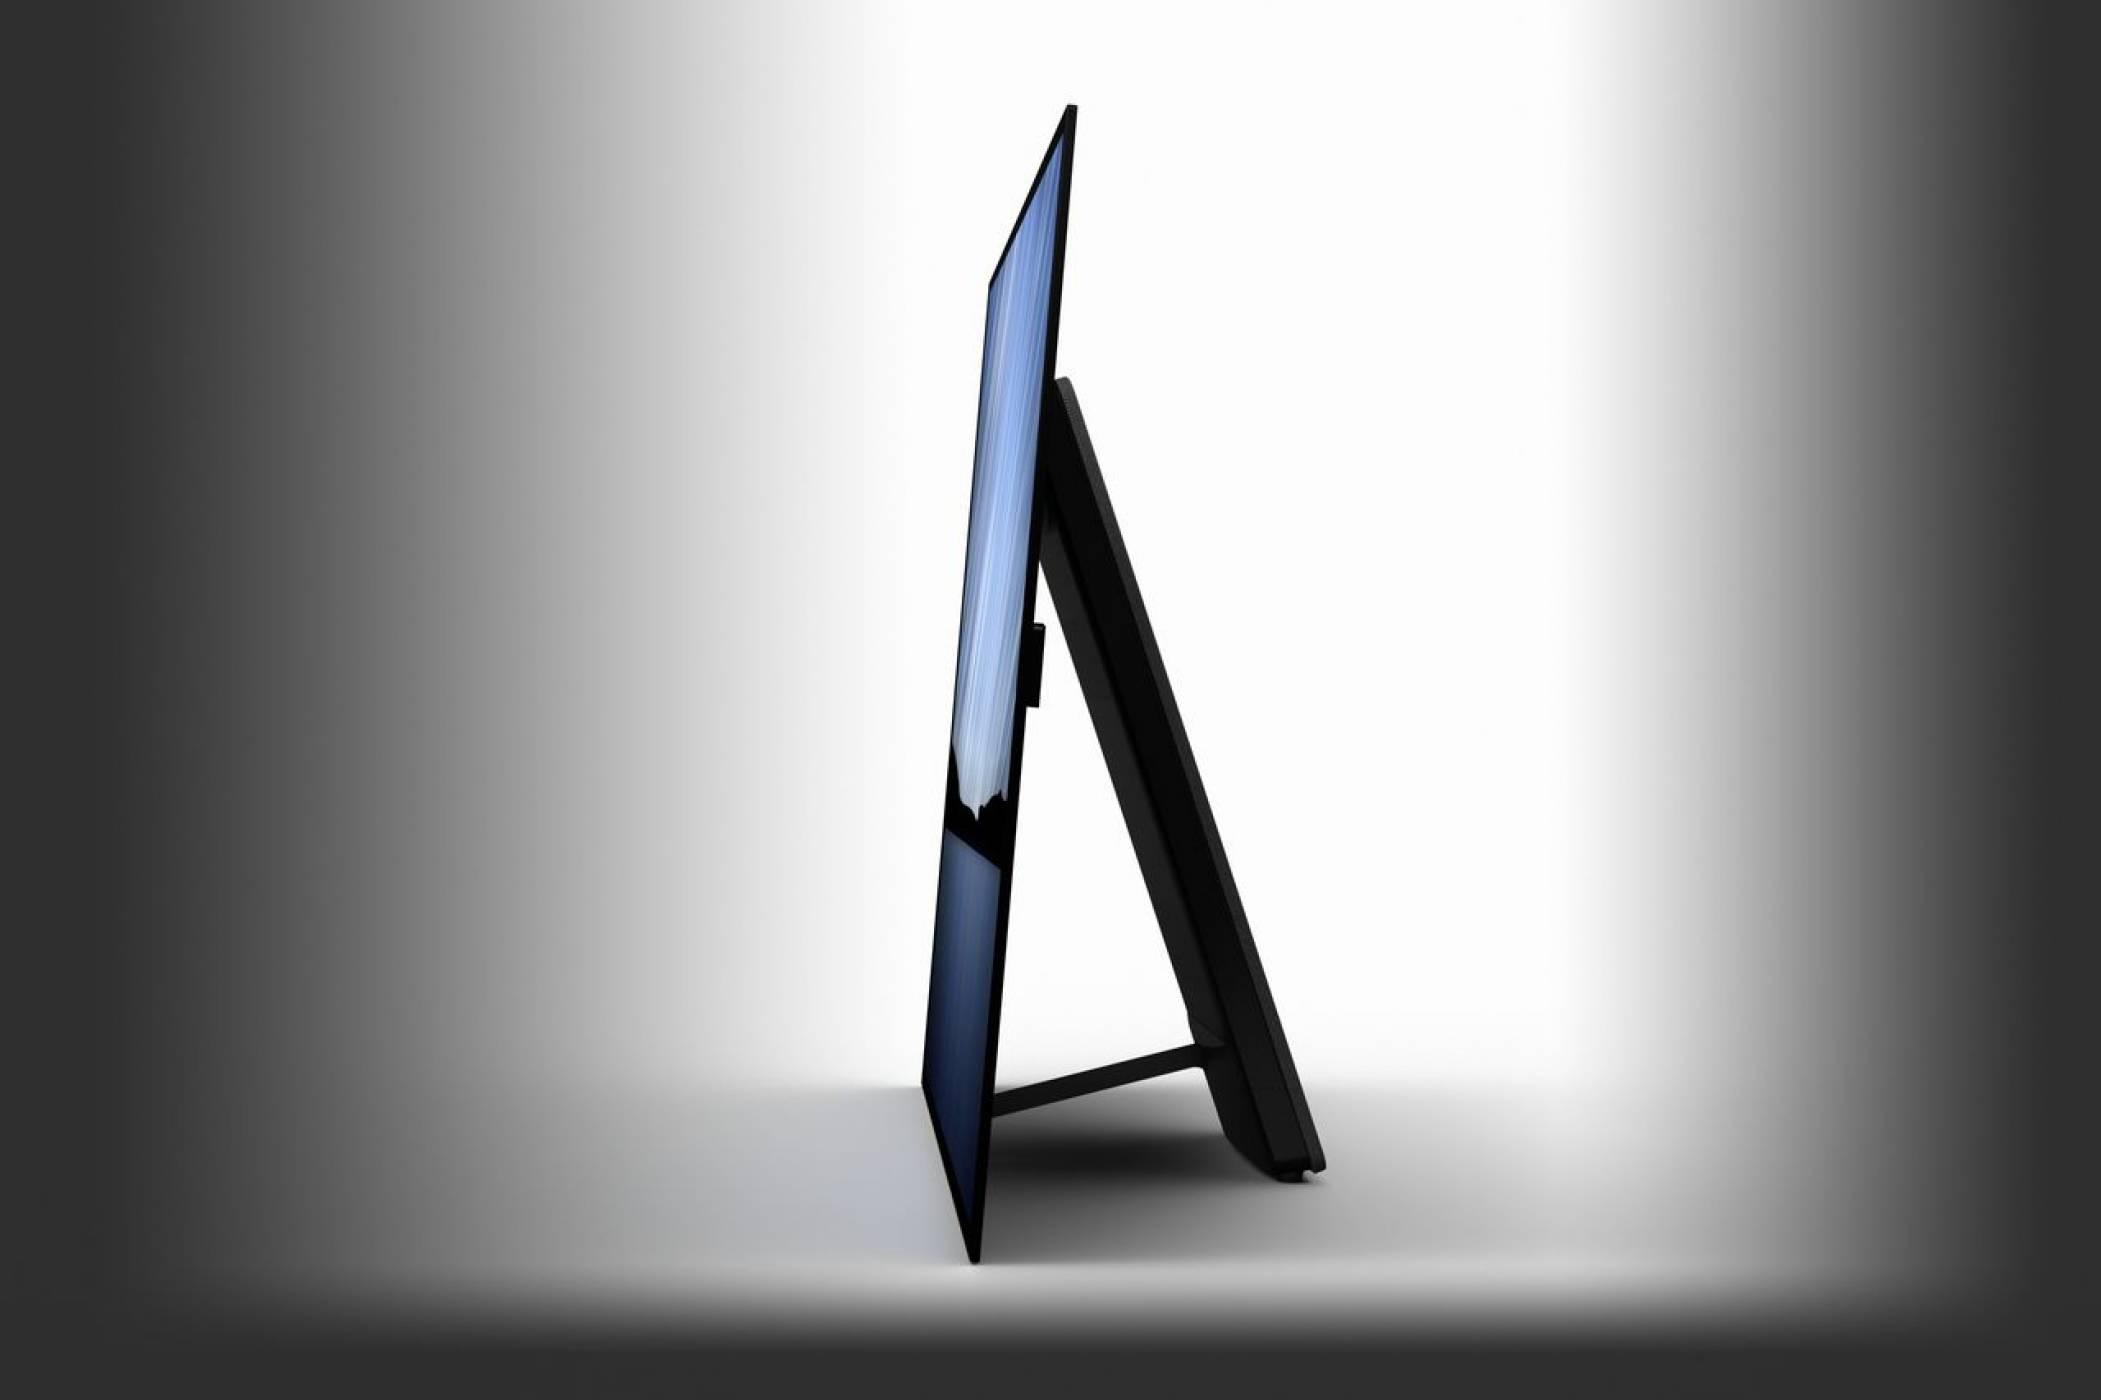 Официалната цена на 4K HDR OLED телевизора Sony A1E у нас започва от 7999 лв.